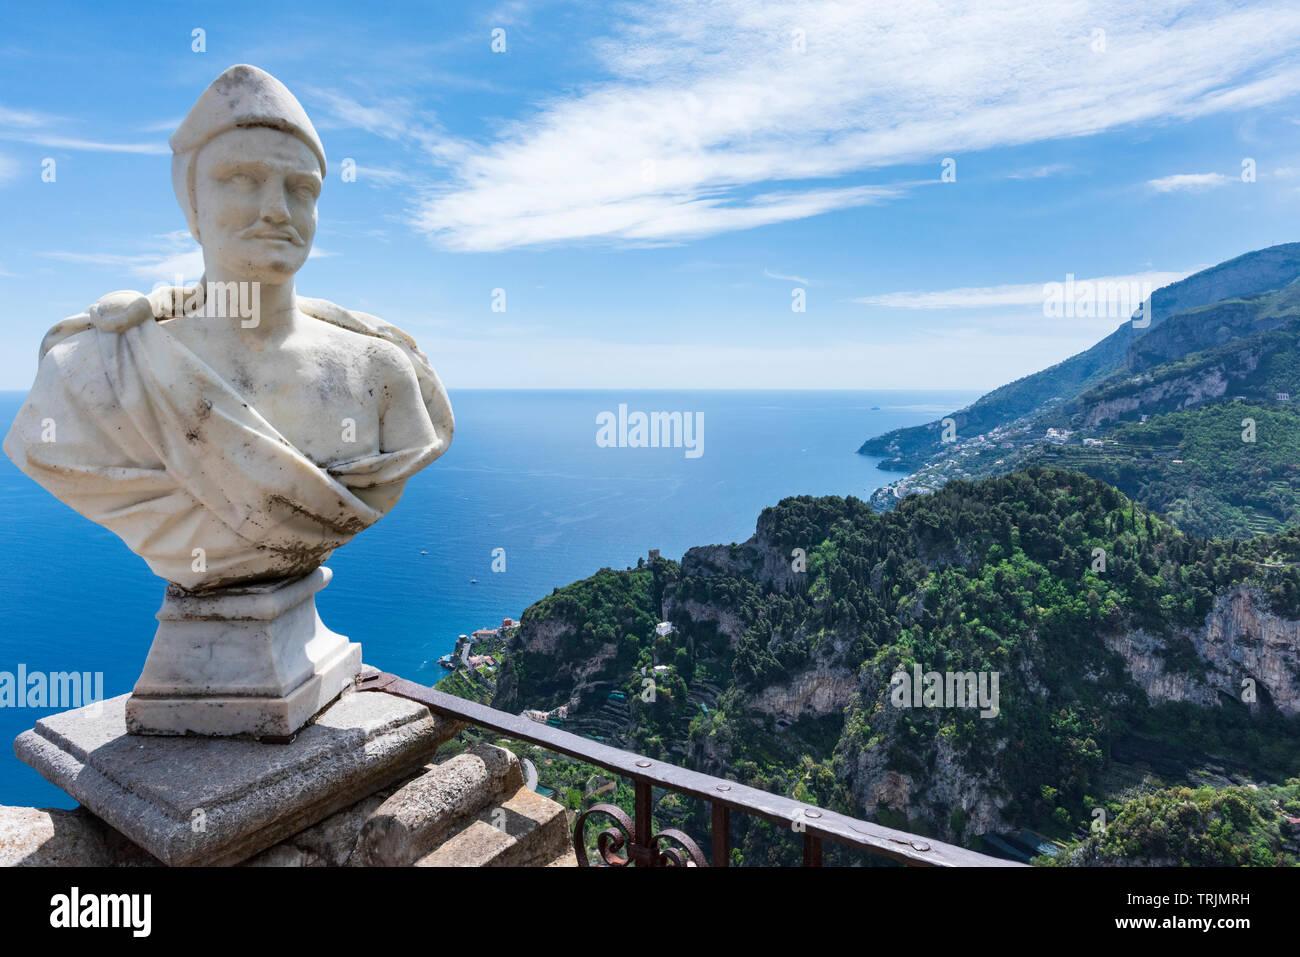 Vue spectaculaire de Terrazza dell'Infinito terrasse de l'infini dans les jardins de Villa Cimbrone Ravello au-dessus de la côte amalfitaine en Campanie Italie Photo Stock